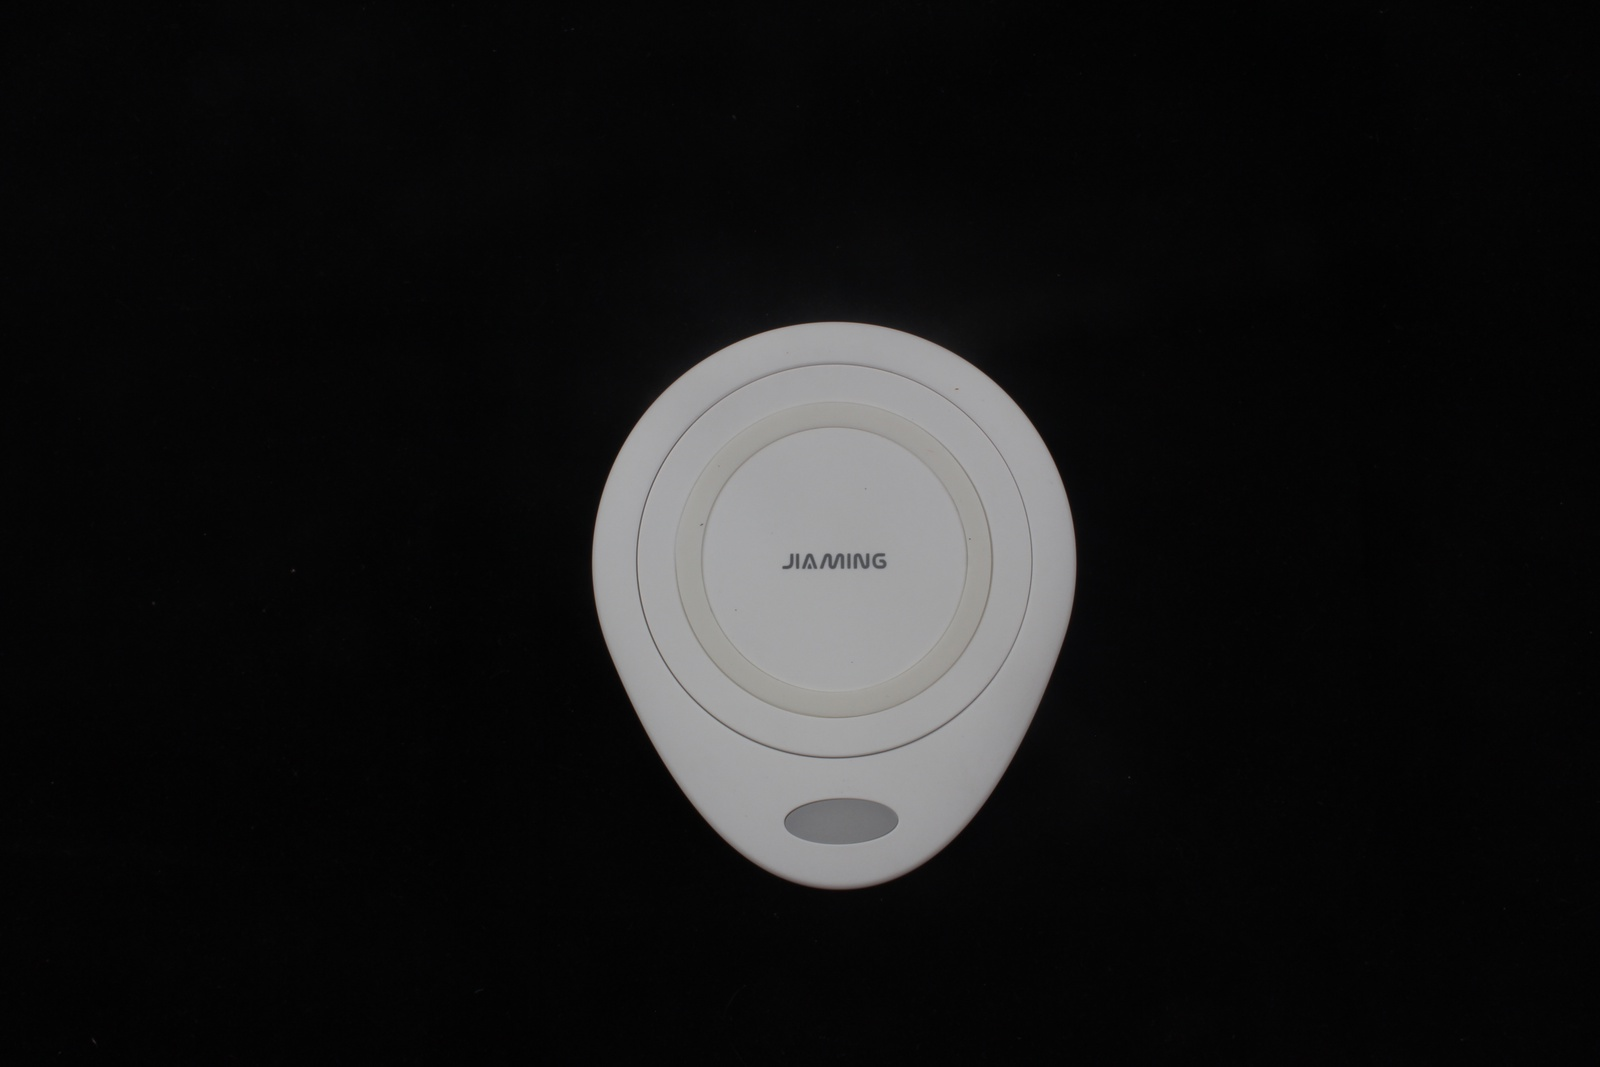 Фото - Беспроводное зарядное устройство JIA MING WX1, 4605180034195, белый беспроводное зарядное устройство тотем z 3818q05b 201804 белый